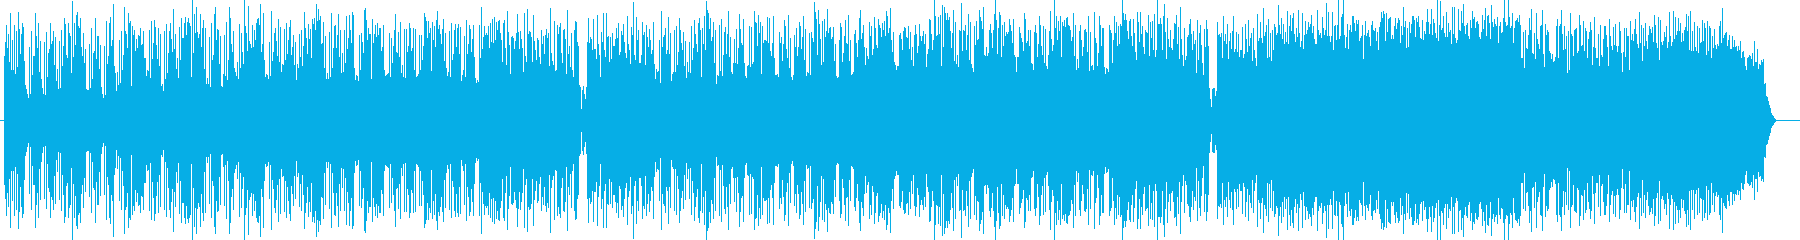 アーバンなライトテックなフュージョンの再生済みの波形